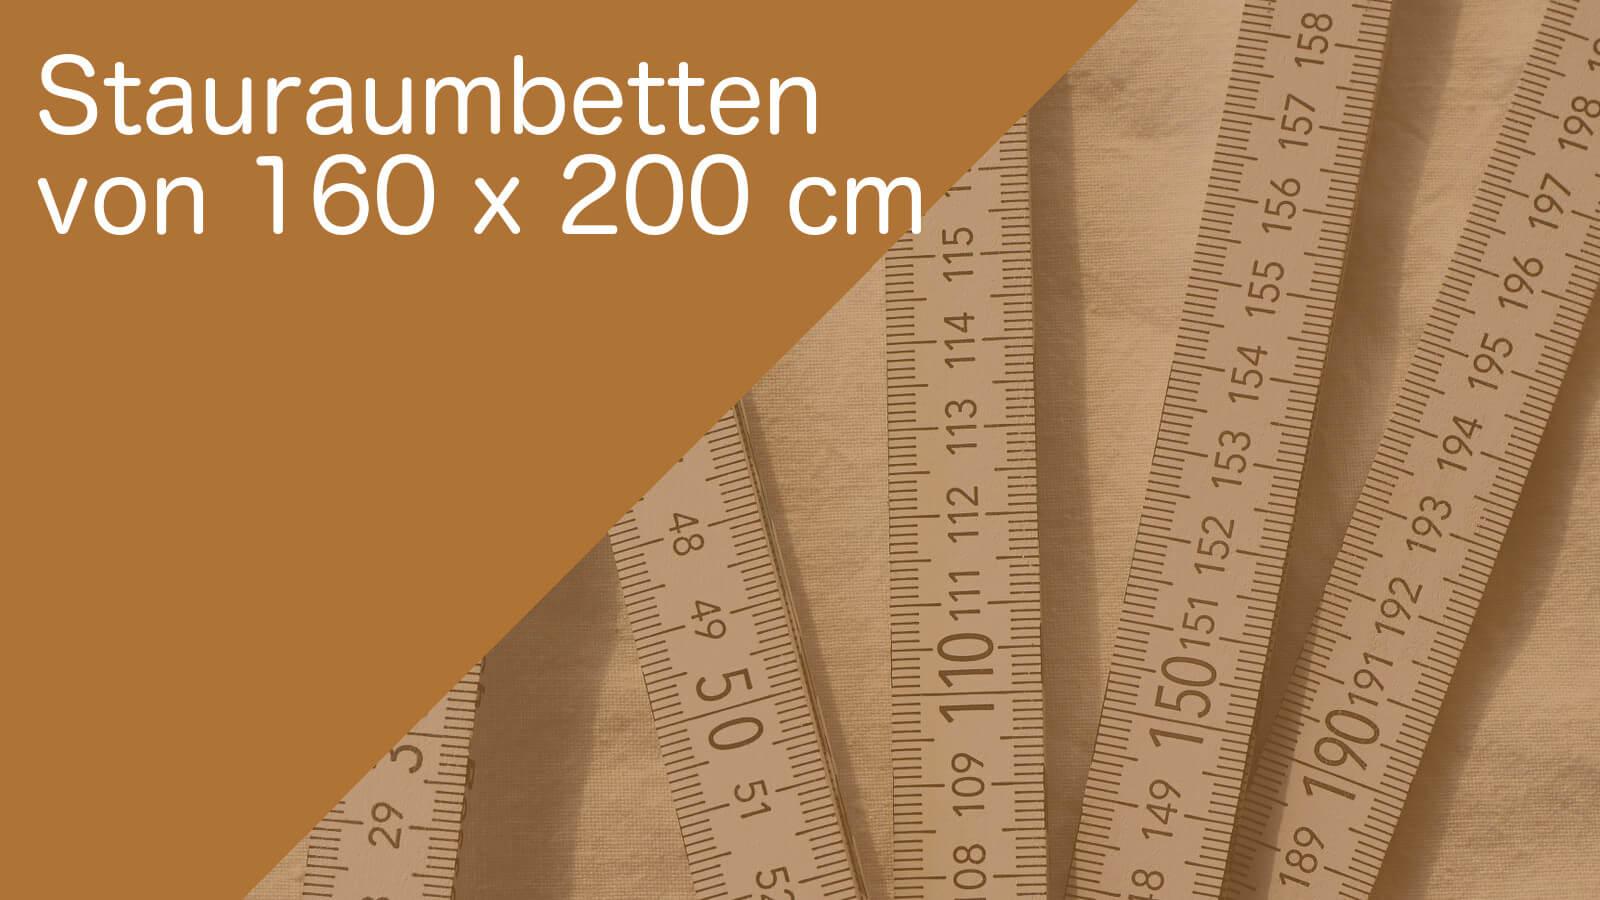 staurambetten_160x200